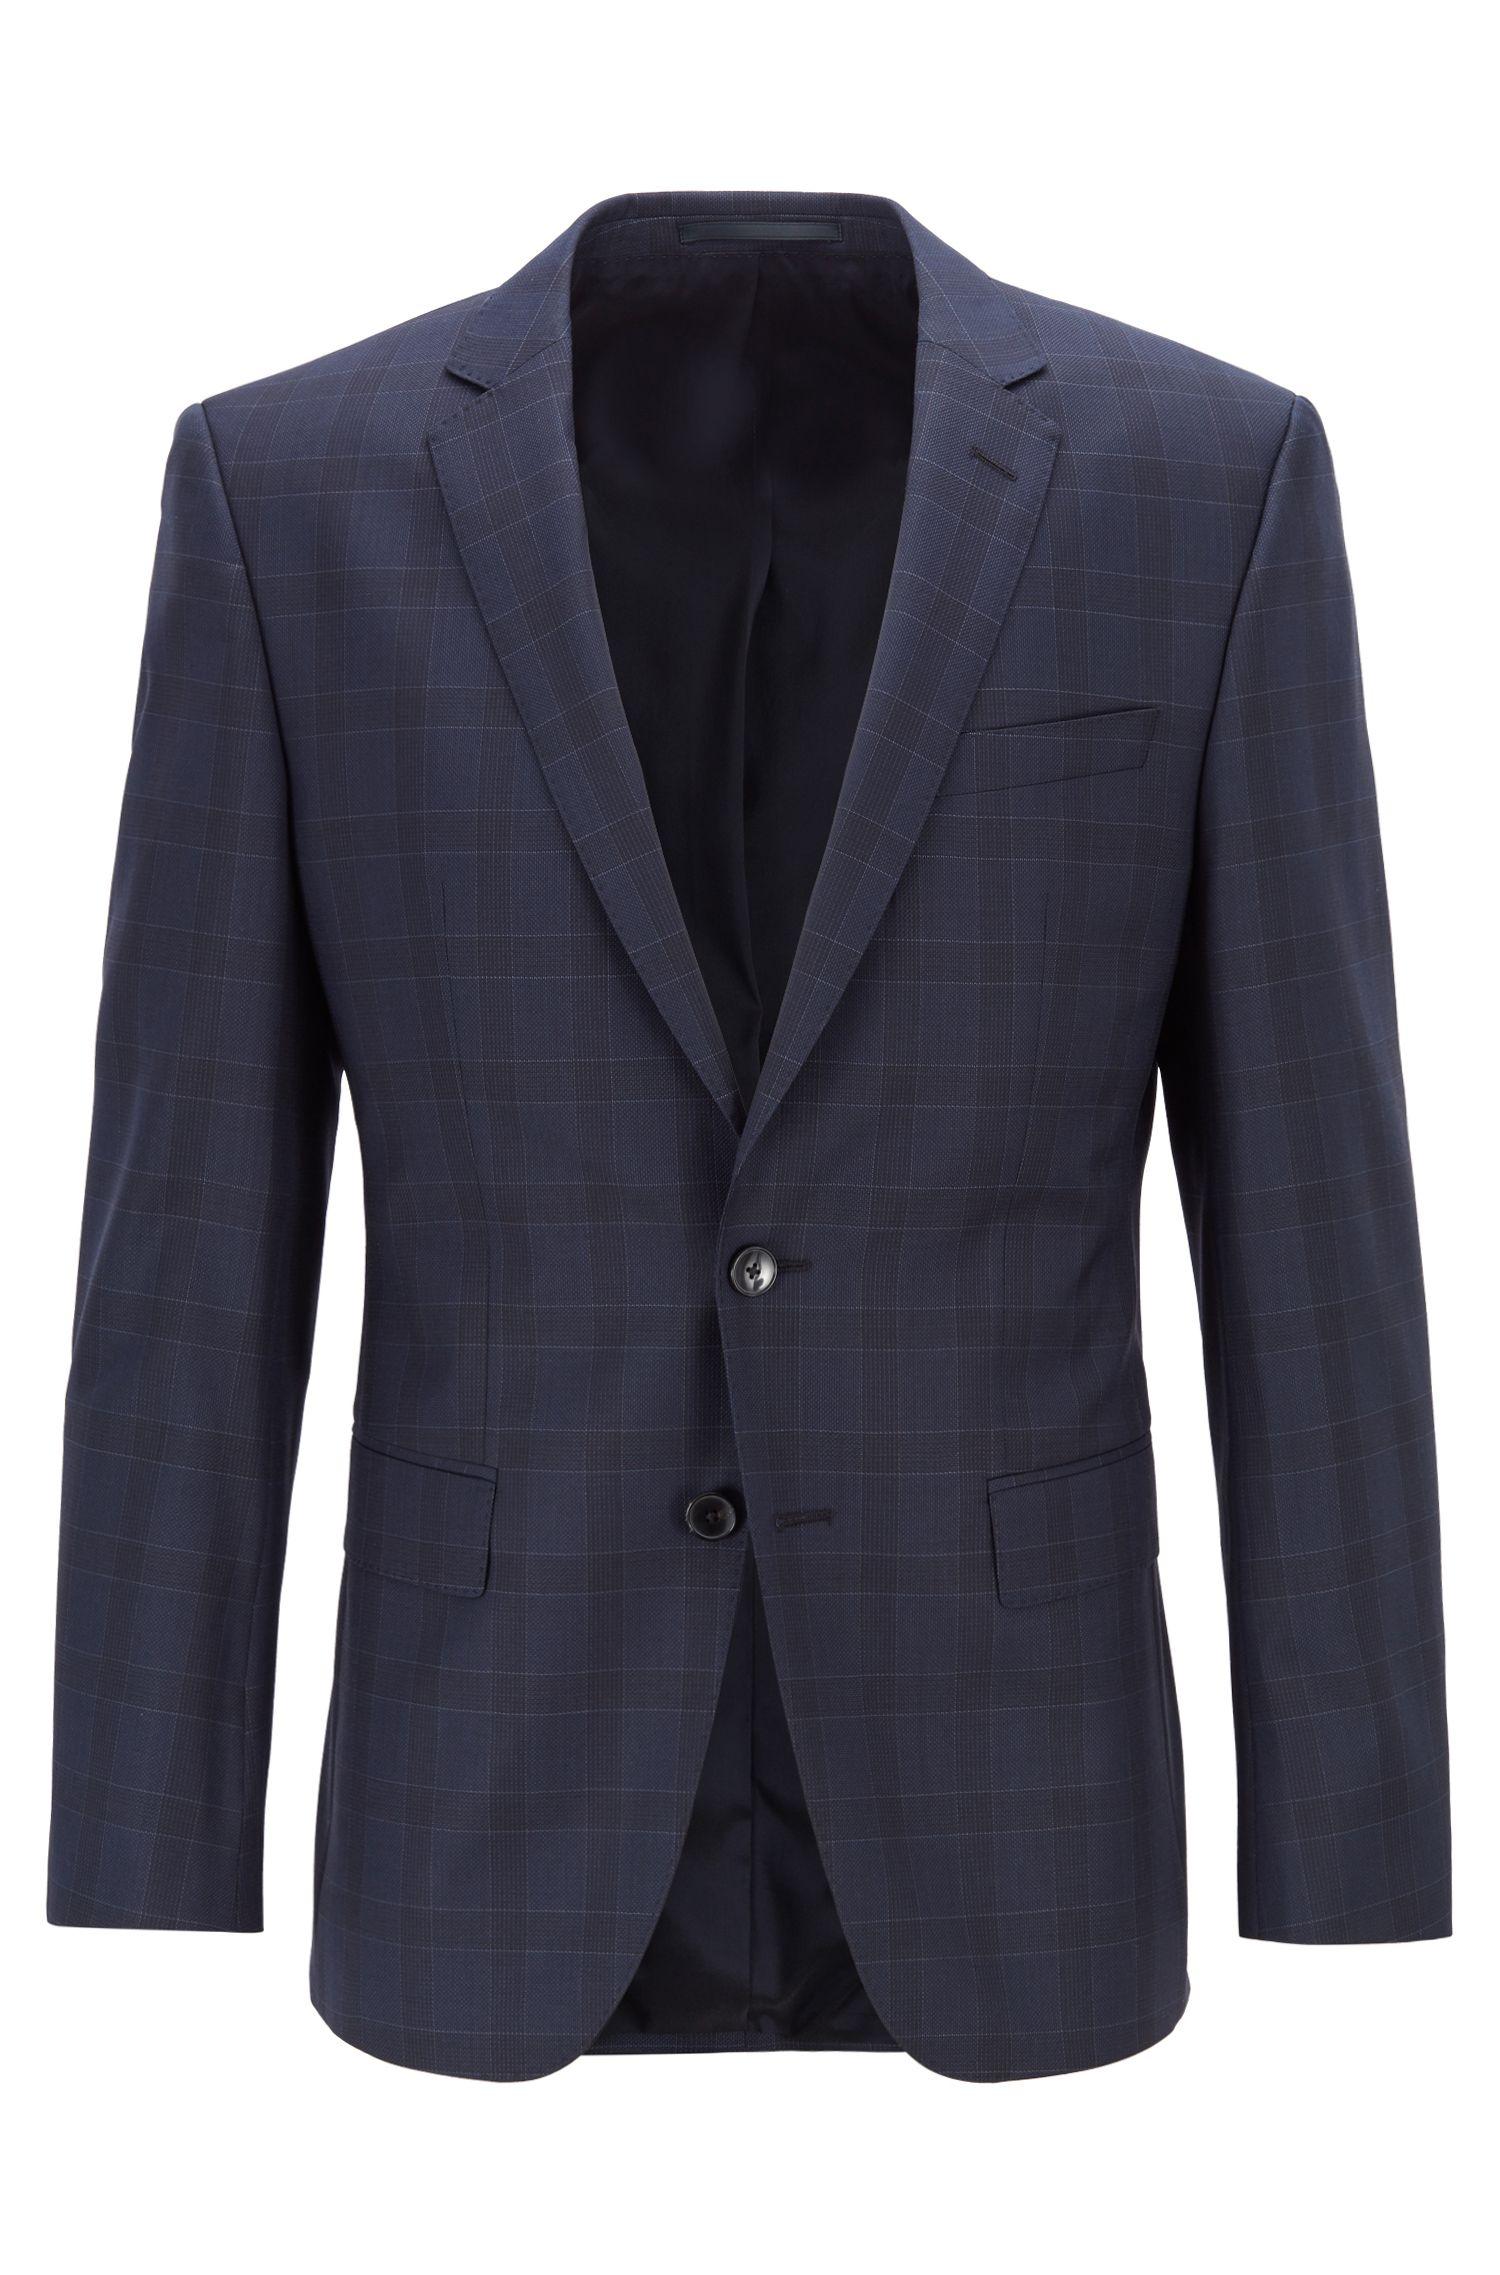 Veste Slim Fit en sergé de laine vierge à carreaux, Bleu foncé